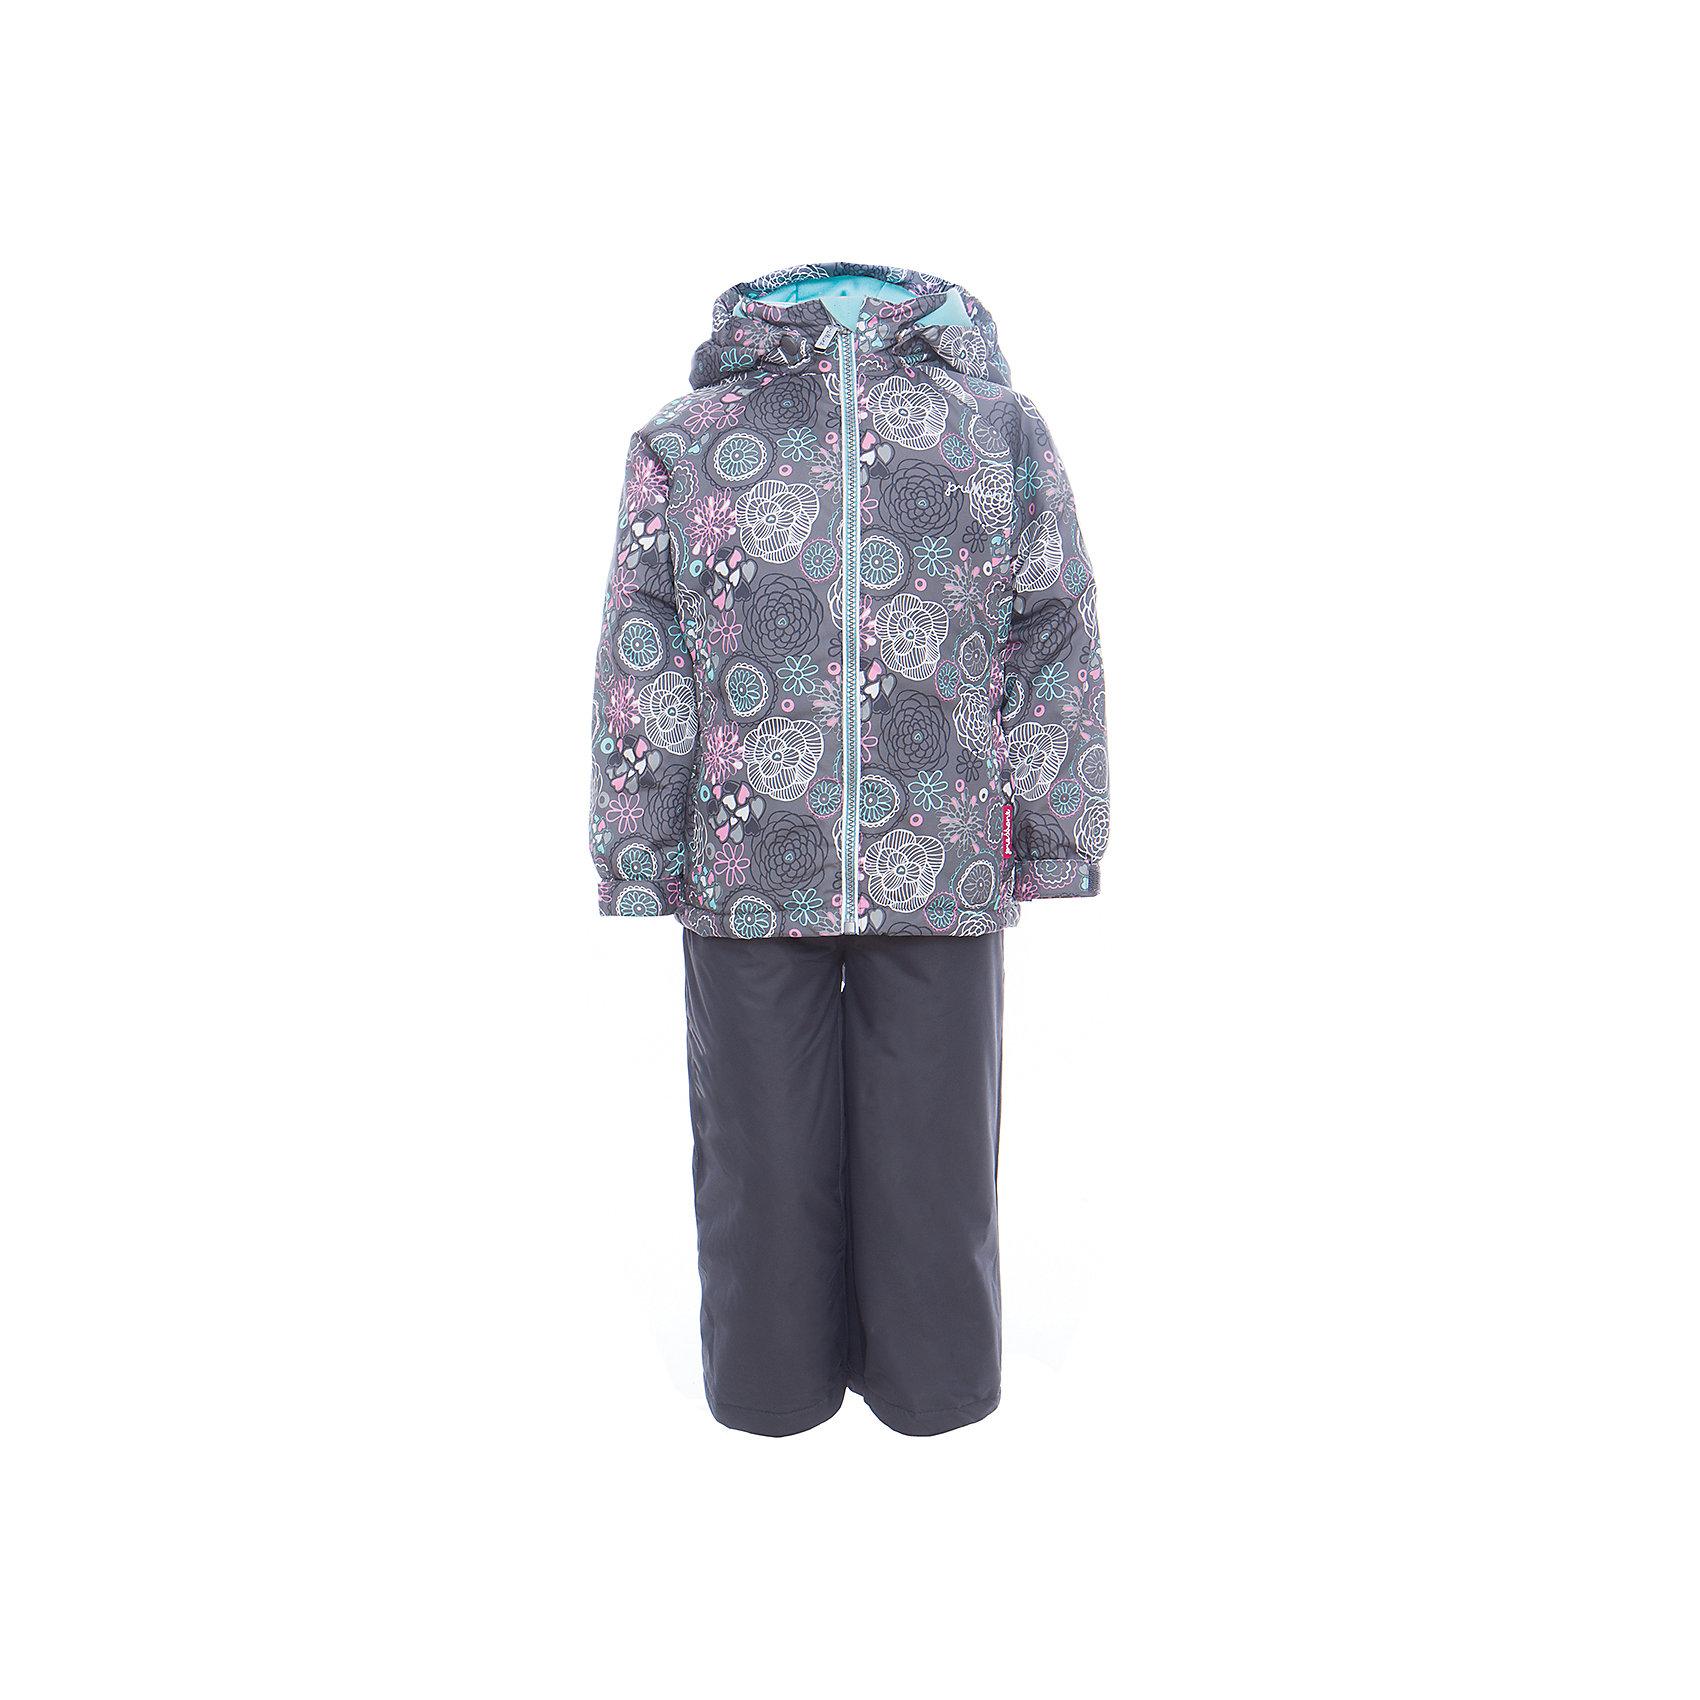 Комплект: куртка и полукомбинезон для девочки PremontВерхняя одежда<br>Характеристики товара:<br><br>• цвет: серый<br>• состав: 100% полиэстер, мембрана 3000 мм/ 3000 г/м ?/24h<br>• подкладка: тафетта, трикотаж с ворсом на воротнике и в капюшоне<br>• утеплитель: Tech-Polyfill, в куртке 120 г/м2,  в брюках 80 г/м2<br>• комплектация: куртка и полукомбинезон<br>• температурный режим: от -5° С до +10° С<br>• водонепроницаемый материал<br>• съемный капюшон<br>• силиконовые съемные штрипки<br>• брюки с утяжкой на талии<br>• светоотражающие элементы<br>• молния<br>• страна бренда: Канада<br><br>Этот демисезонный комплект из куртки и полукомбинезона поможет обеспечить ребенку комфорт и тепло. Материал отлично подходит для дождливой погоды. Для производства продукции используются только безопасные, проверенные материалы и качественная фурнитура. Порадуйте ребенка модными и красивыми вещами от Premont! <br><br>Комплект: куртка и полукомбинезон для девочки от известного бренда Premont можно купить в нашем интернет-магазине.<br><br>Ширина мм: 356<br>Глубина мм: 10<br>Высота мм: 245<br>Вес г: 519<br>Цвет: серый<br>Возраст от месяцев: 18<br>Возраст до месяцев: 24<br>Пол: Женский<br>Возраст: Детский<br>Размер: 92,152,98,104,110,116,122,128,134,140,146<br>SKU: 5352967